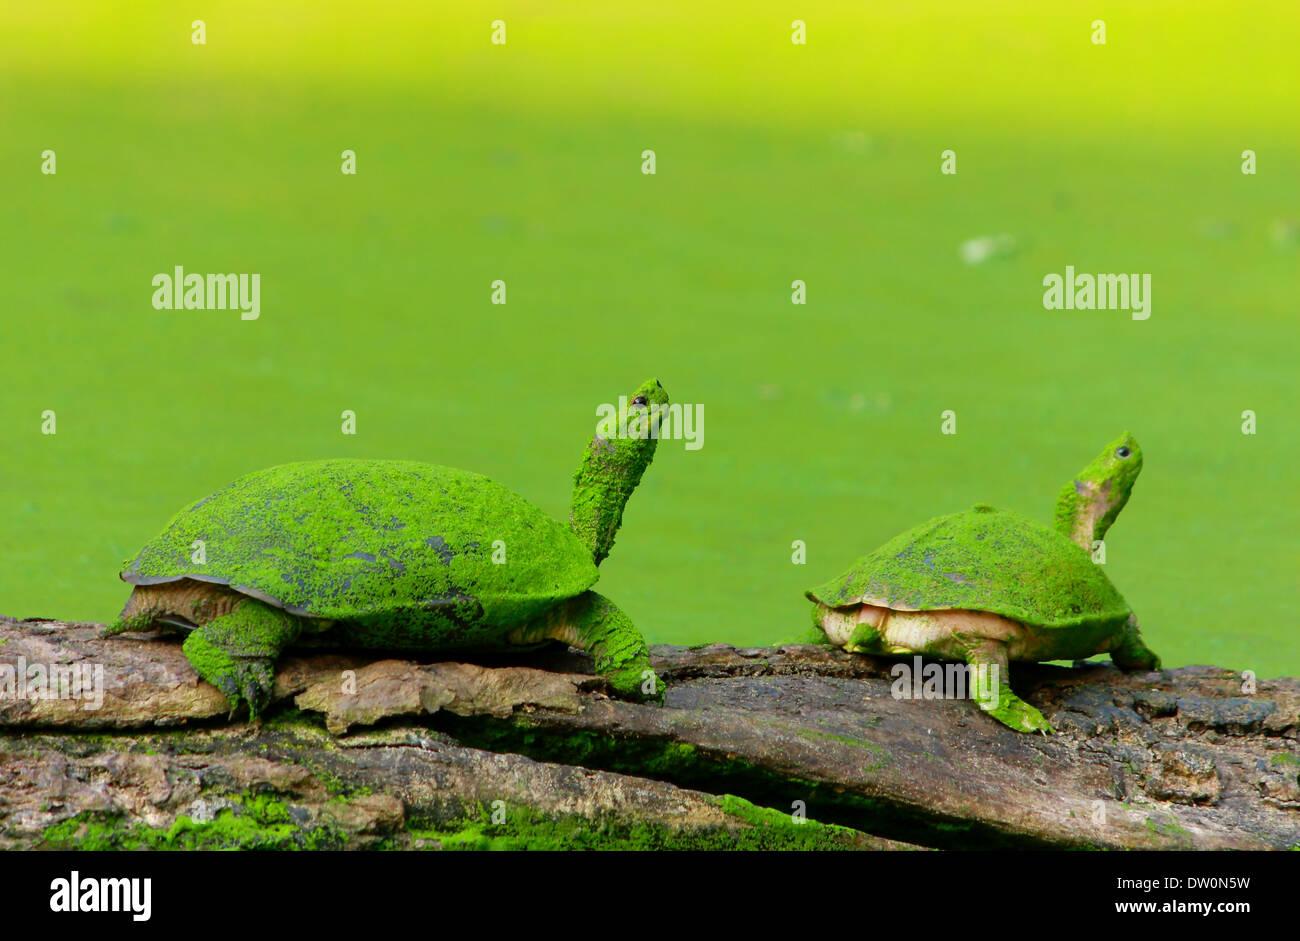 Carey im grünen Teich Stockbild